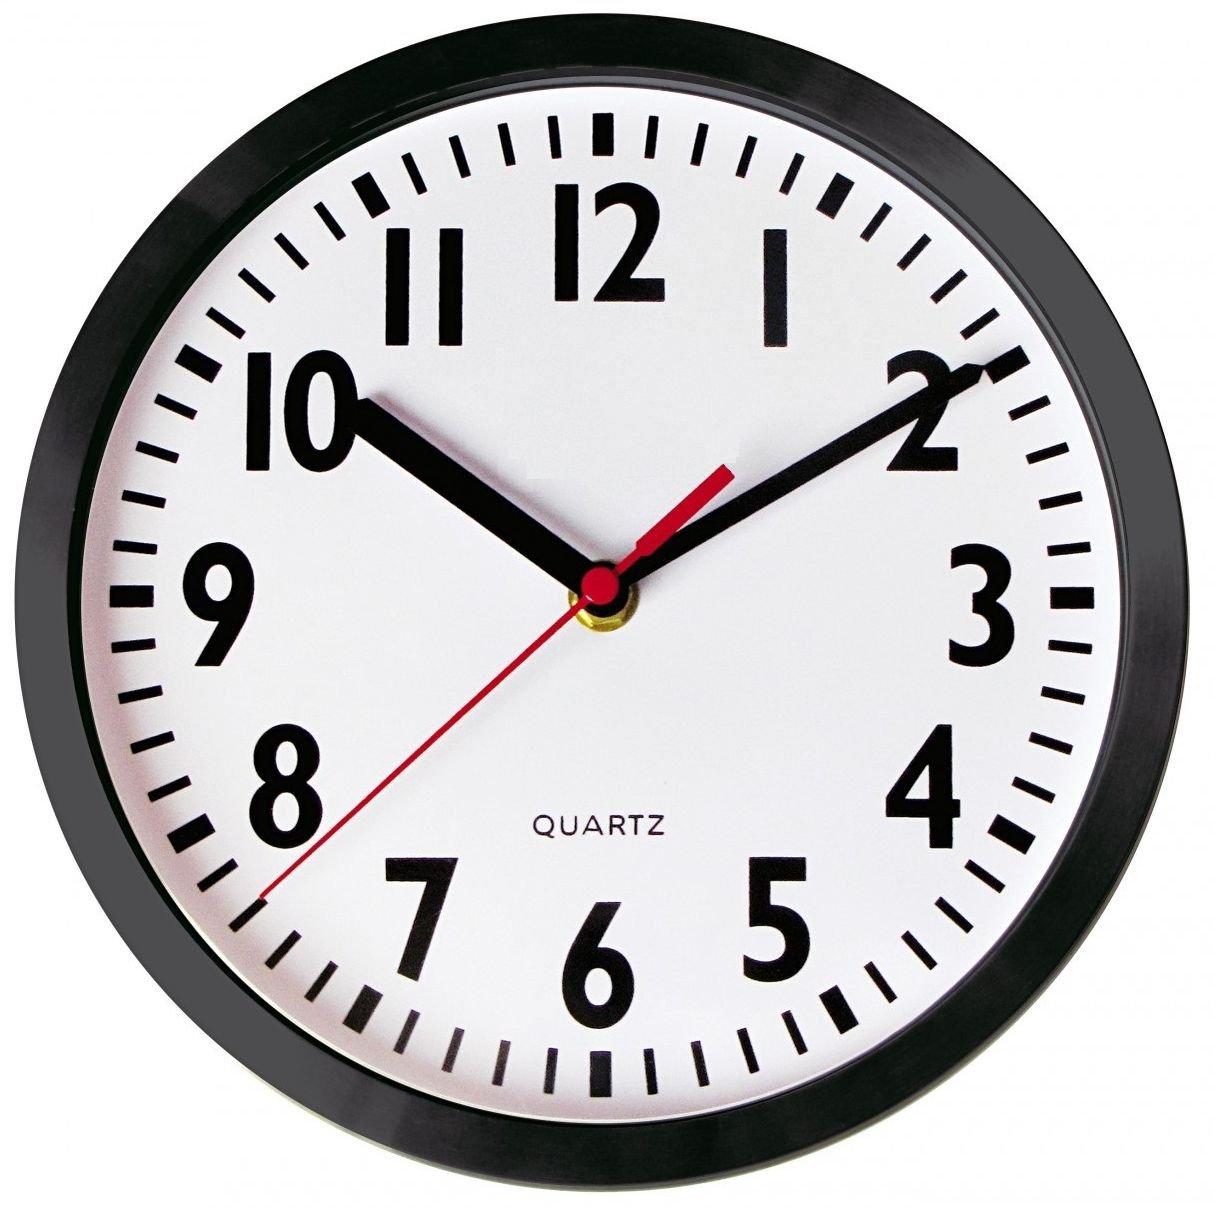 Le changement d'heure: avancer ou reculer la pendule?